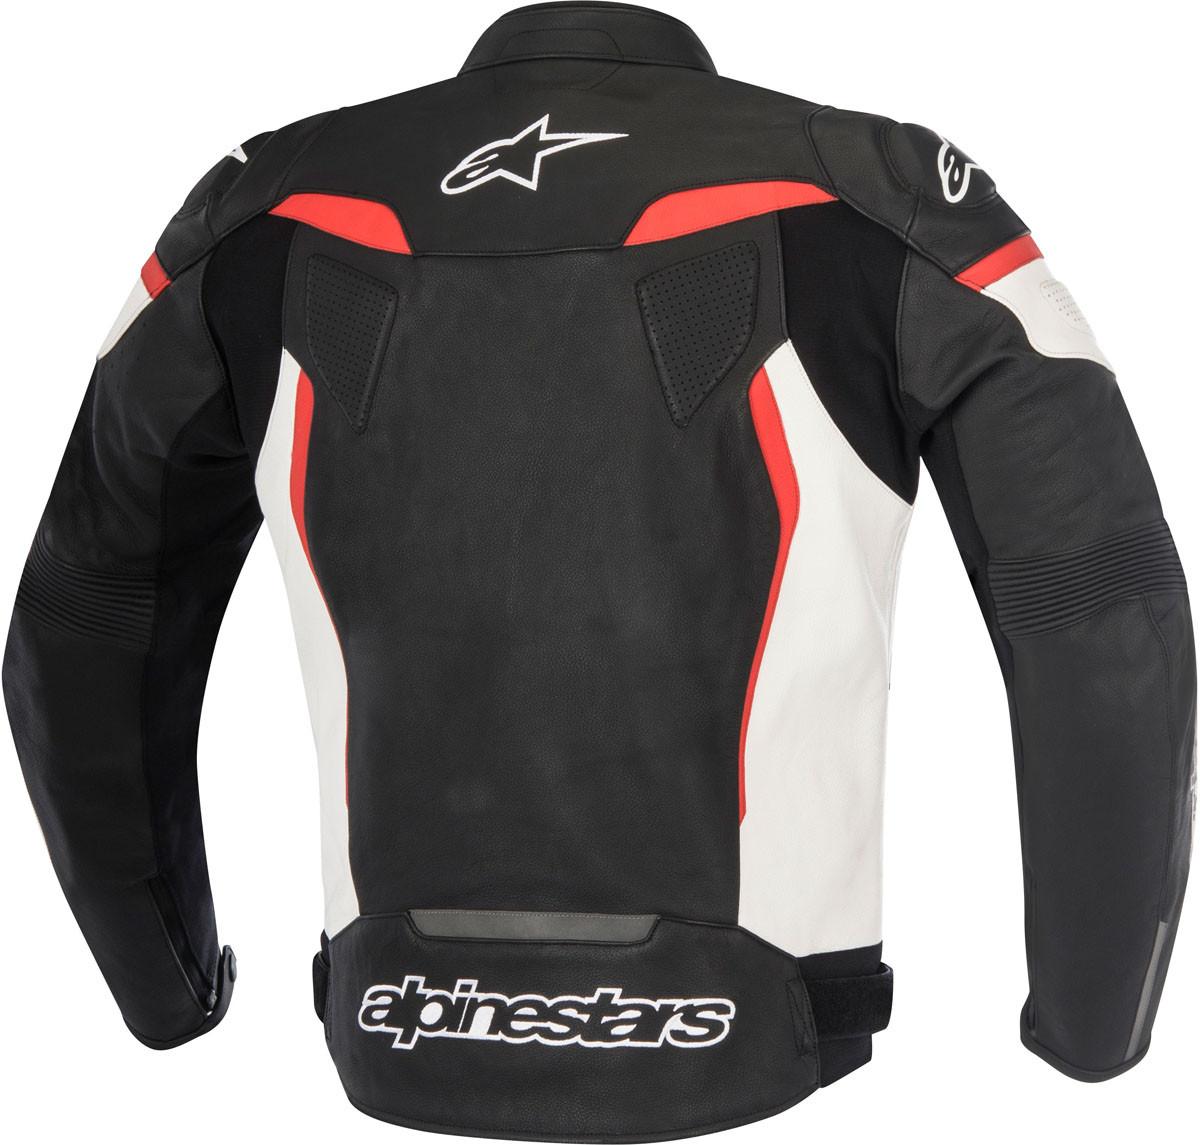 4c9a8a1feccbb8 Giacca moto pelle Alpinestars GP PLUS R V2 nero bianco rosso